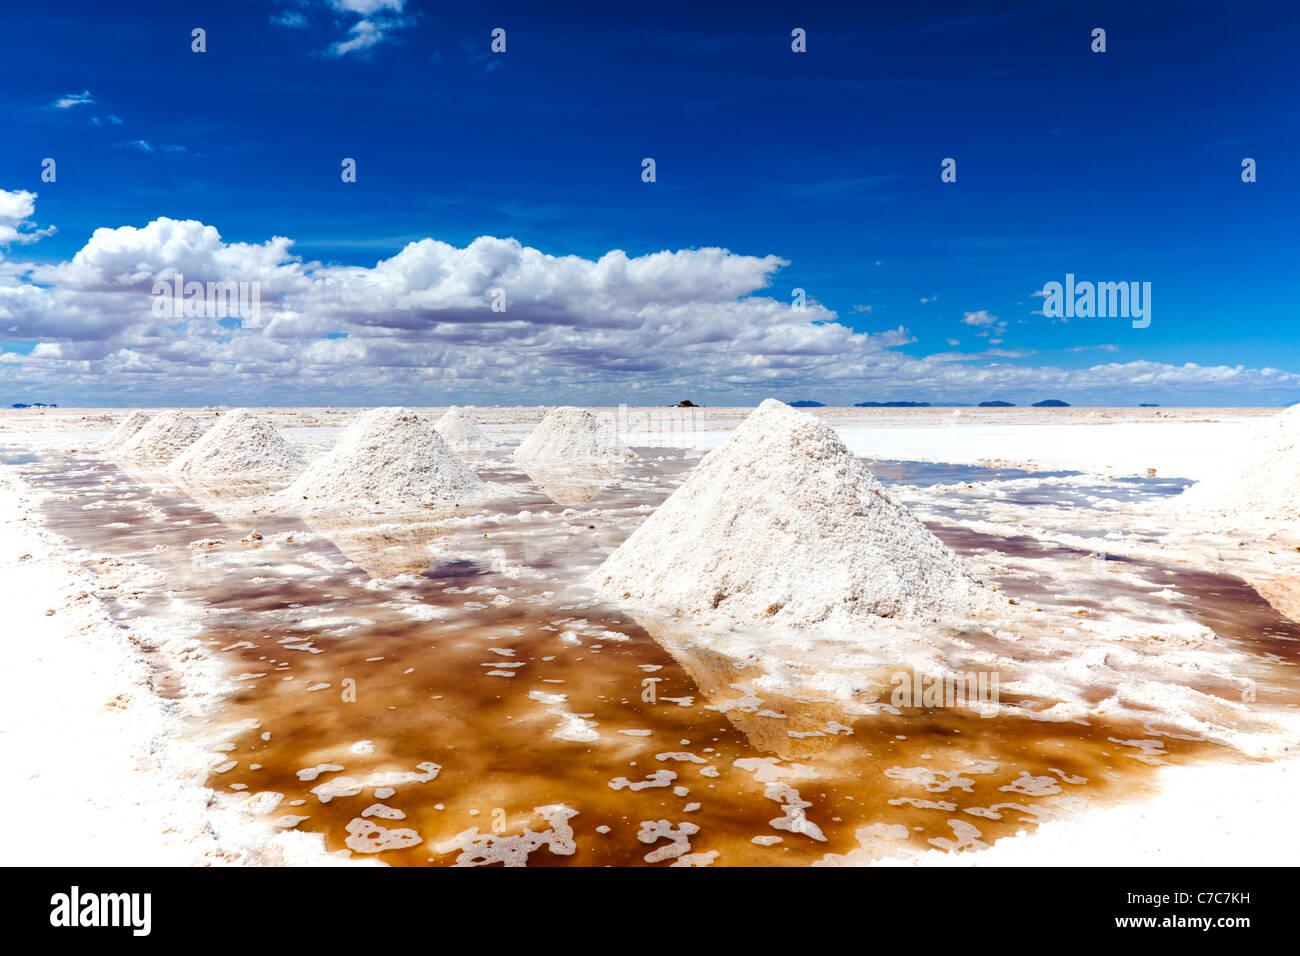 Los montones de sal, secándose al sol, el Salar de Uyuni, Bolivia Imagen De Stock